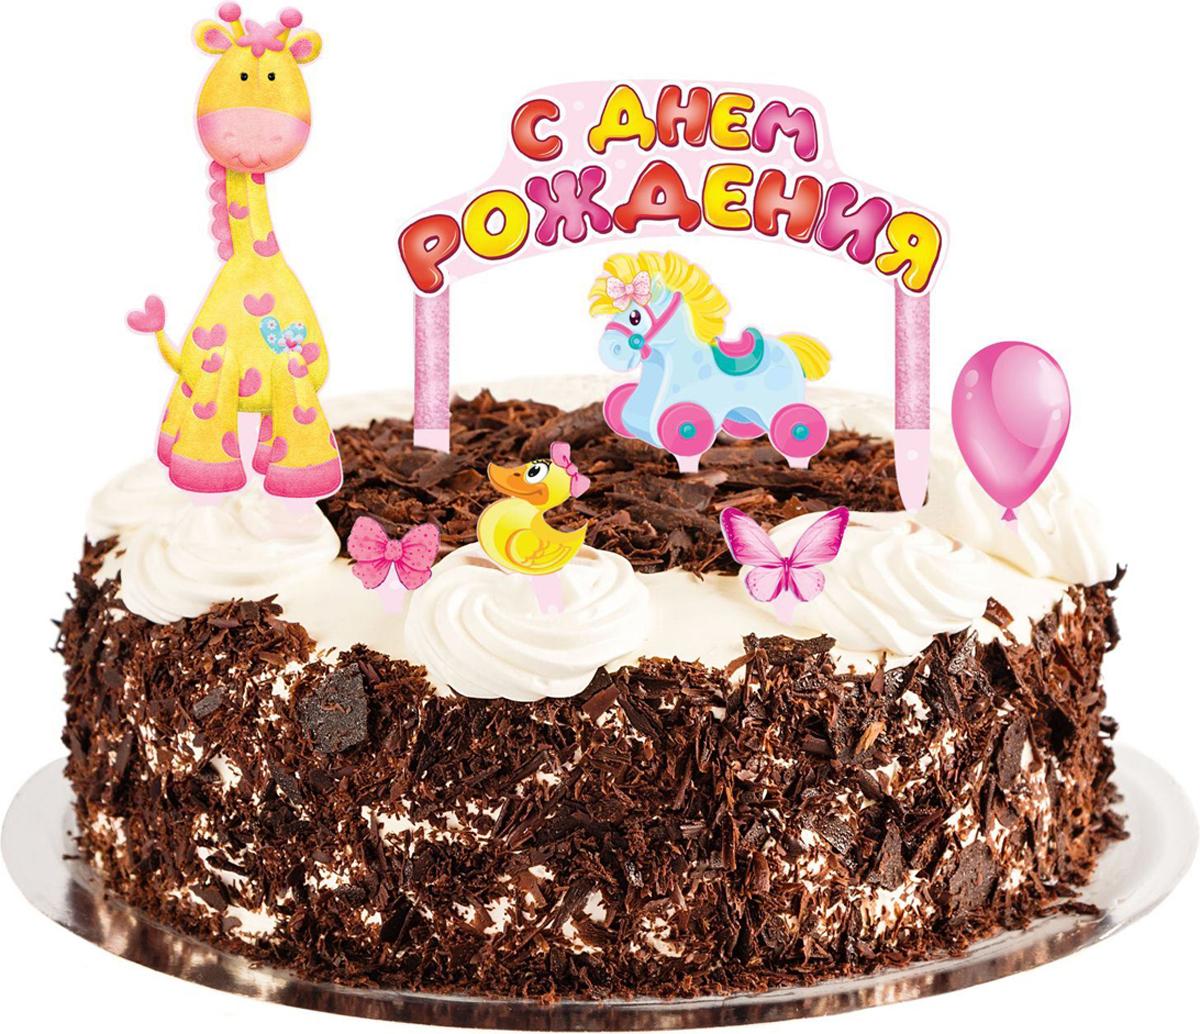 Страна Карнавалия Набор для украшения торта С днем рождения Малышка 1116135 страна карнавалия свечи для торта с днем рождения 420545